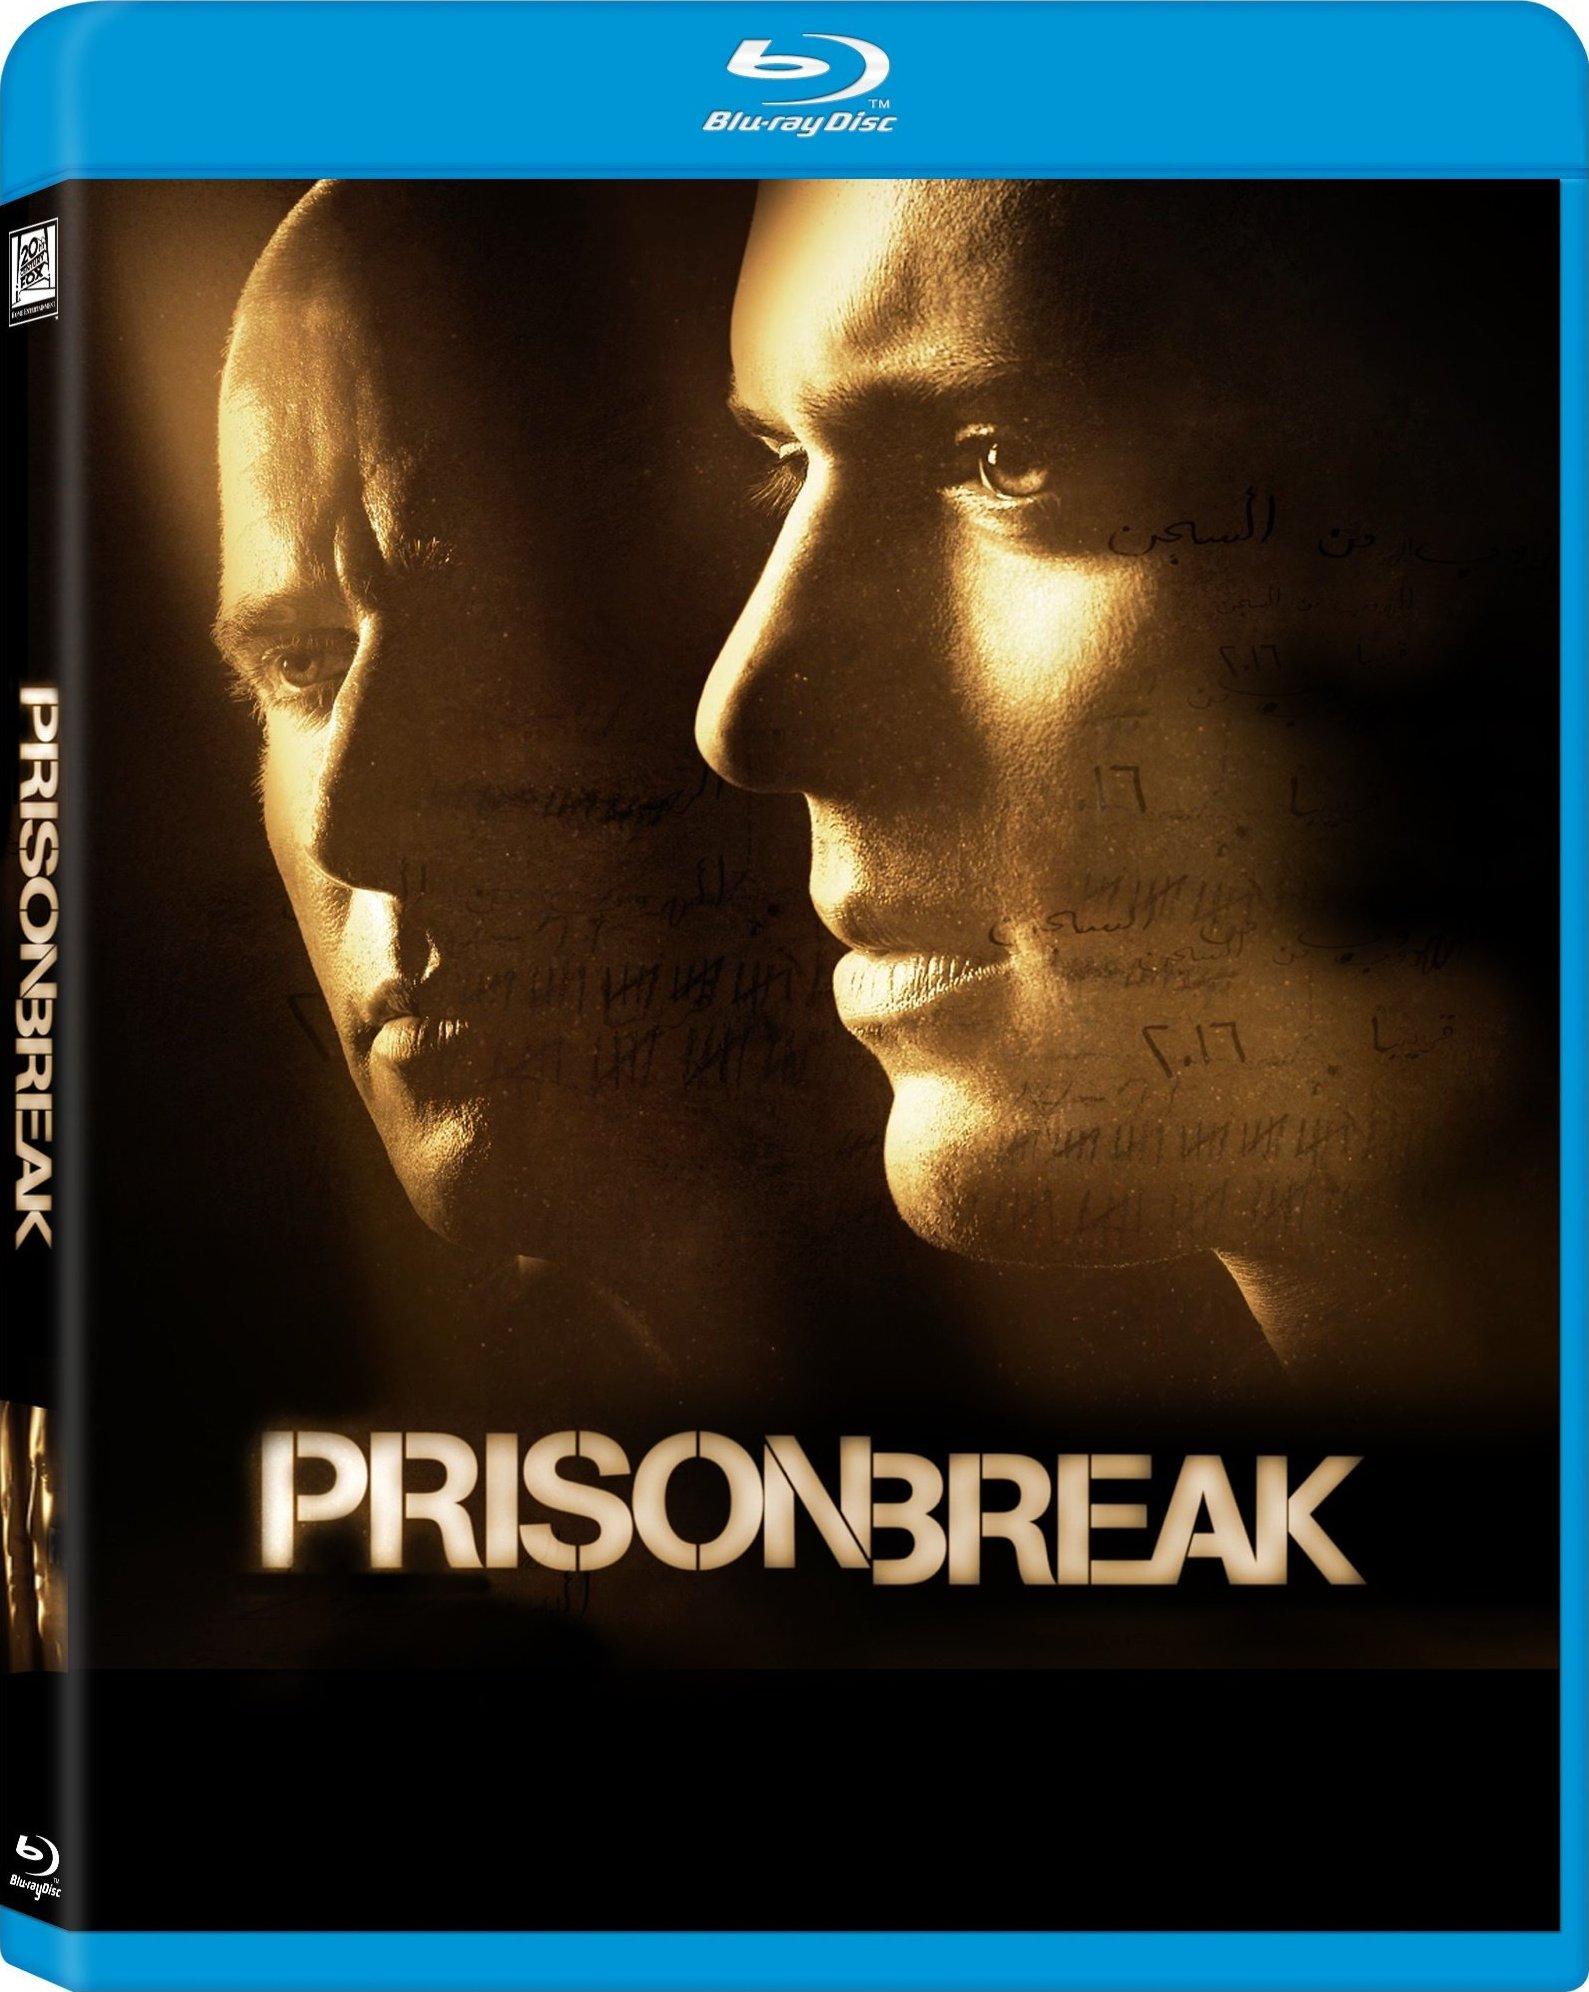 Prison Break, Event Series